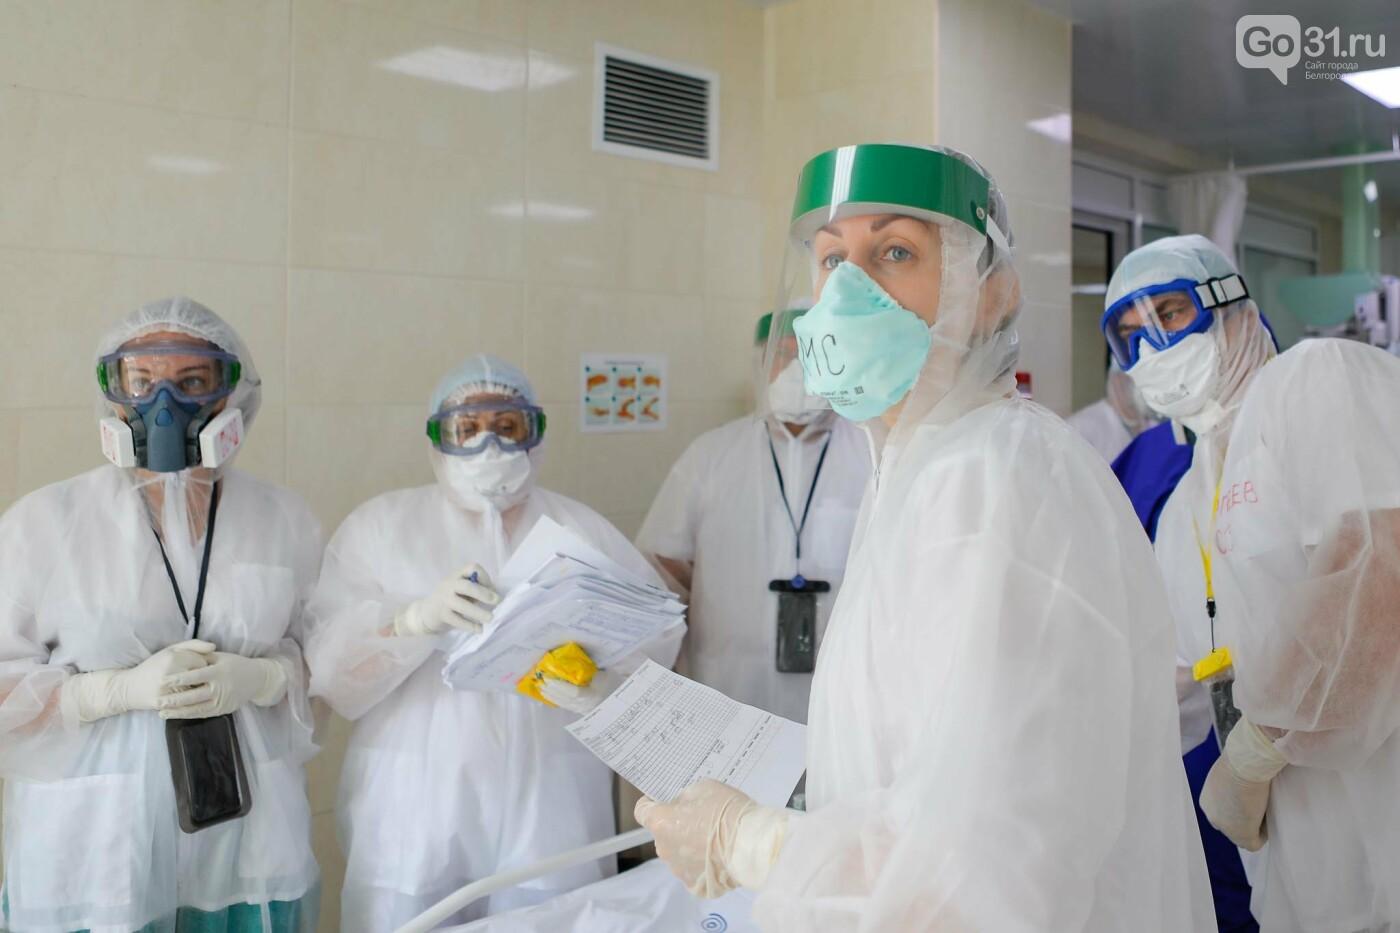 Что происходит в ковид-госпитале Белгорода. Фоторепортаж из «красной» зоны, фото-16, Фото: Антон Вергун